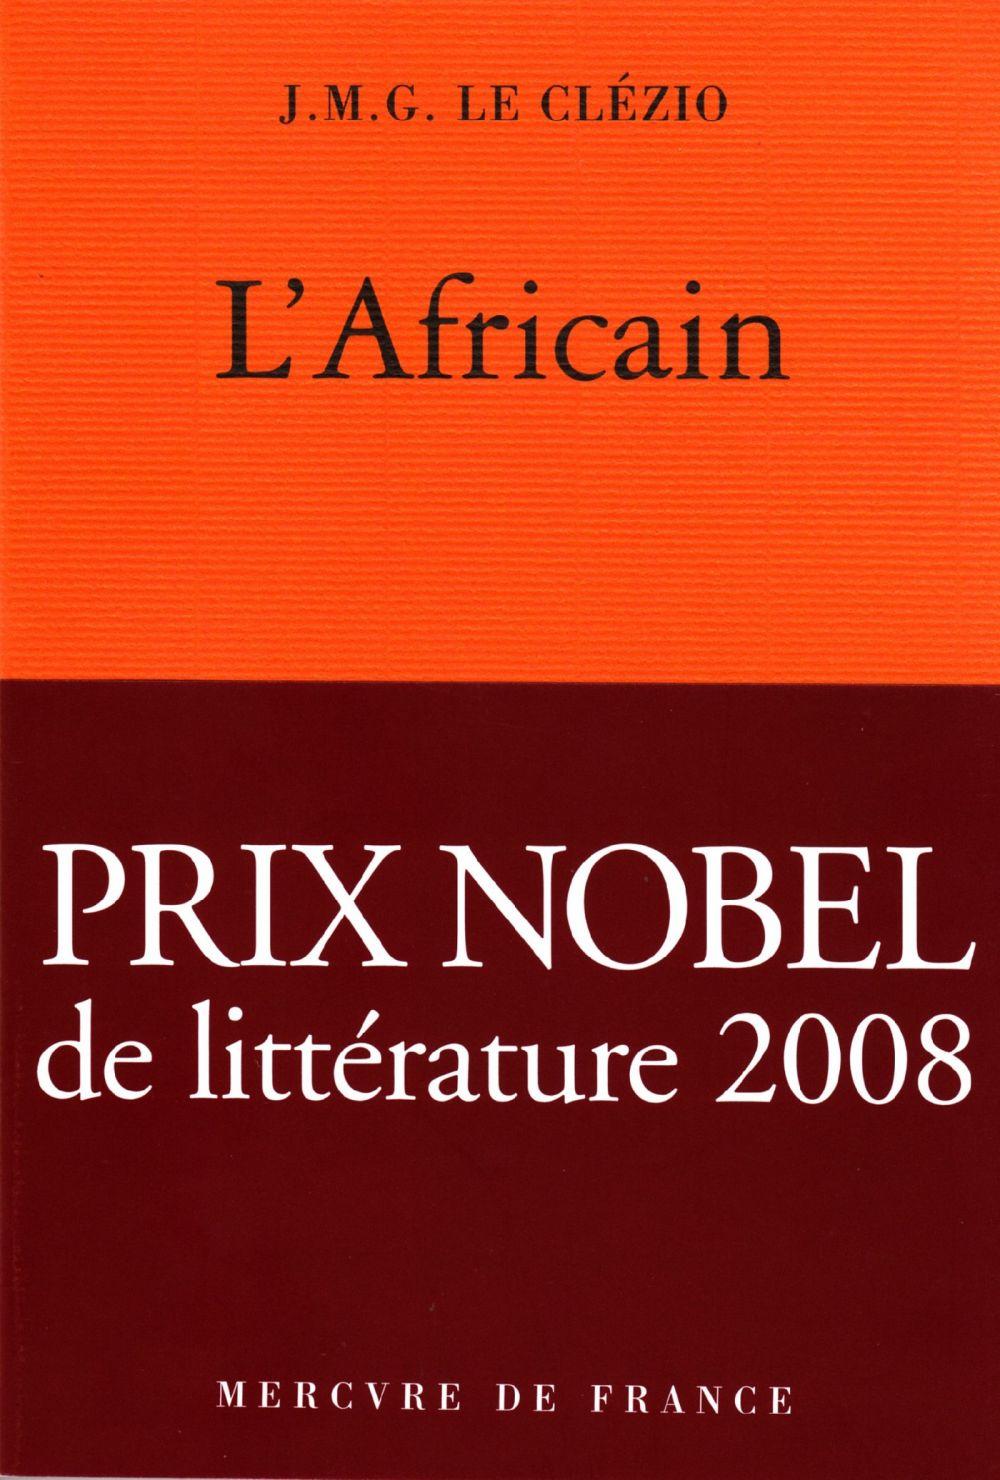 L'Africain | Le Clézio, J.M.G. (1940-....). Auteur